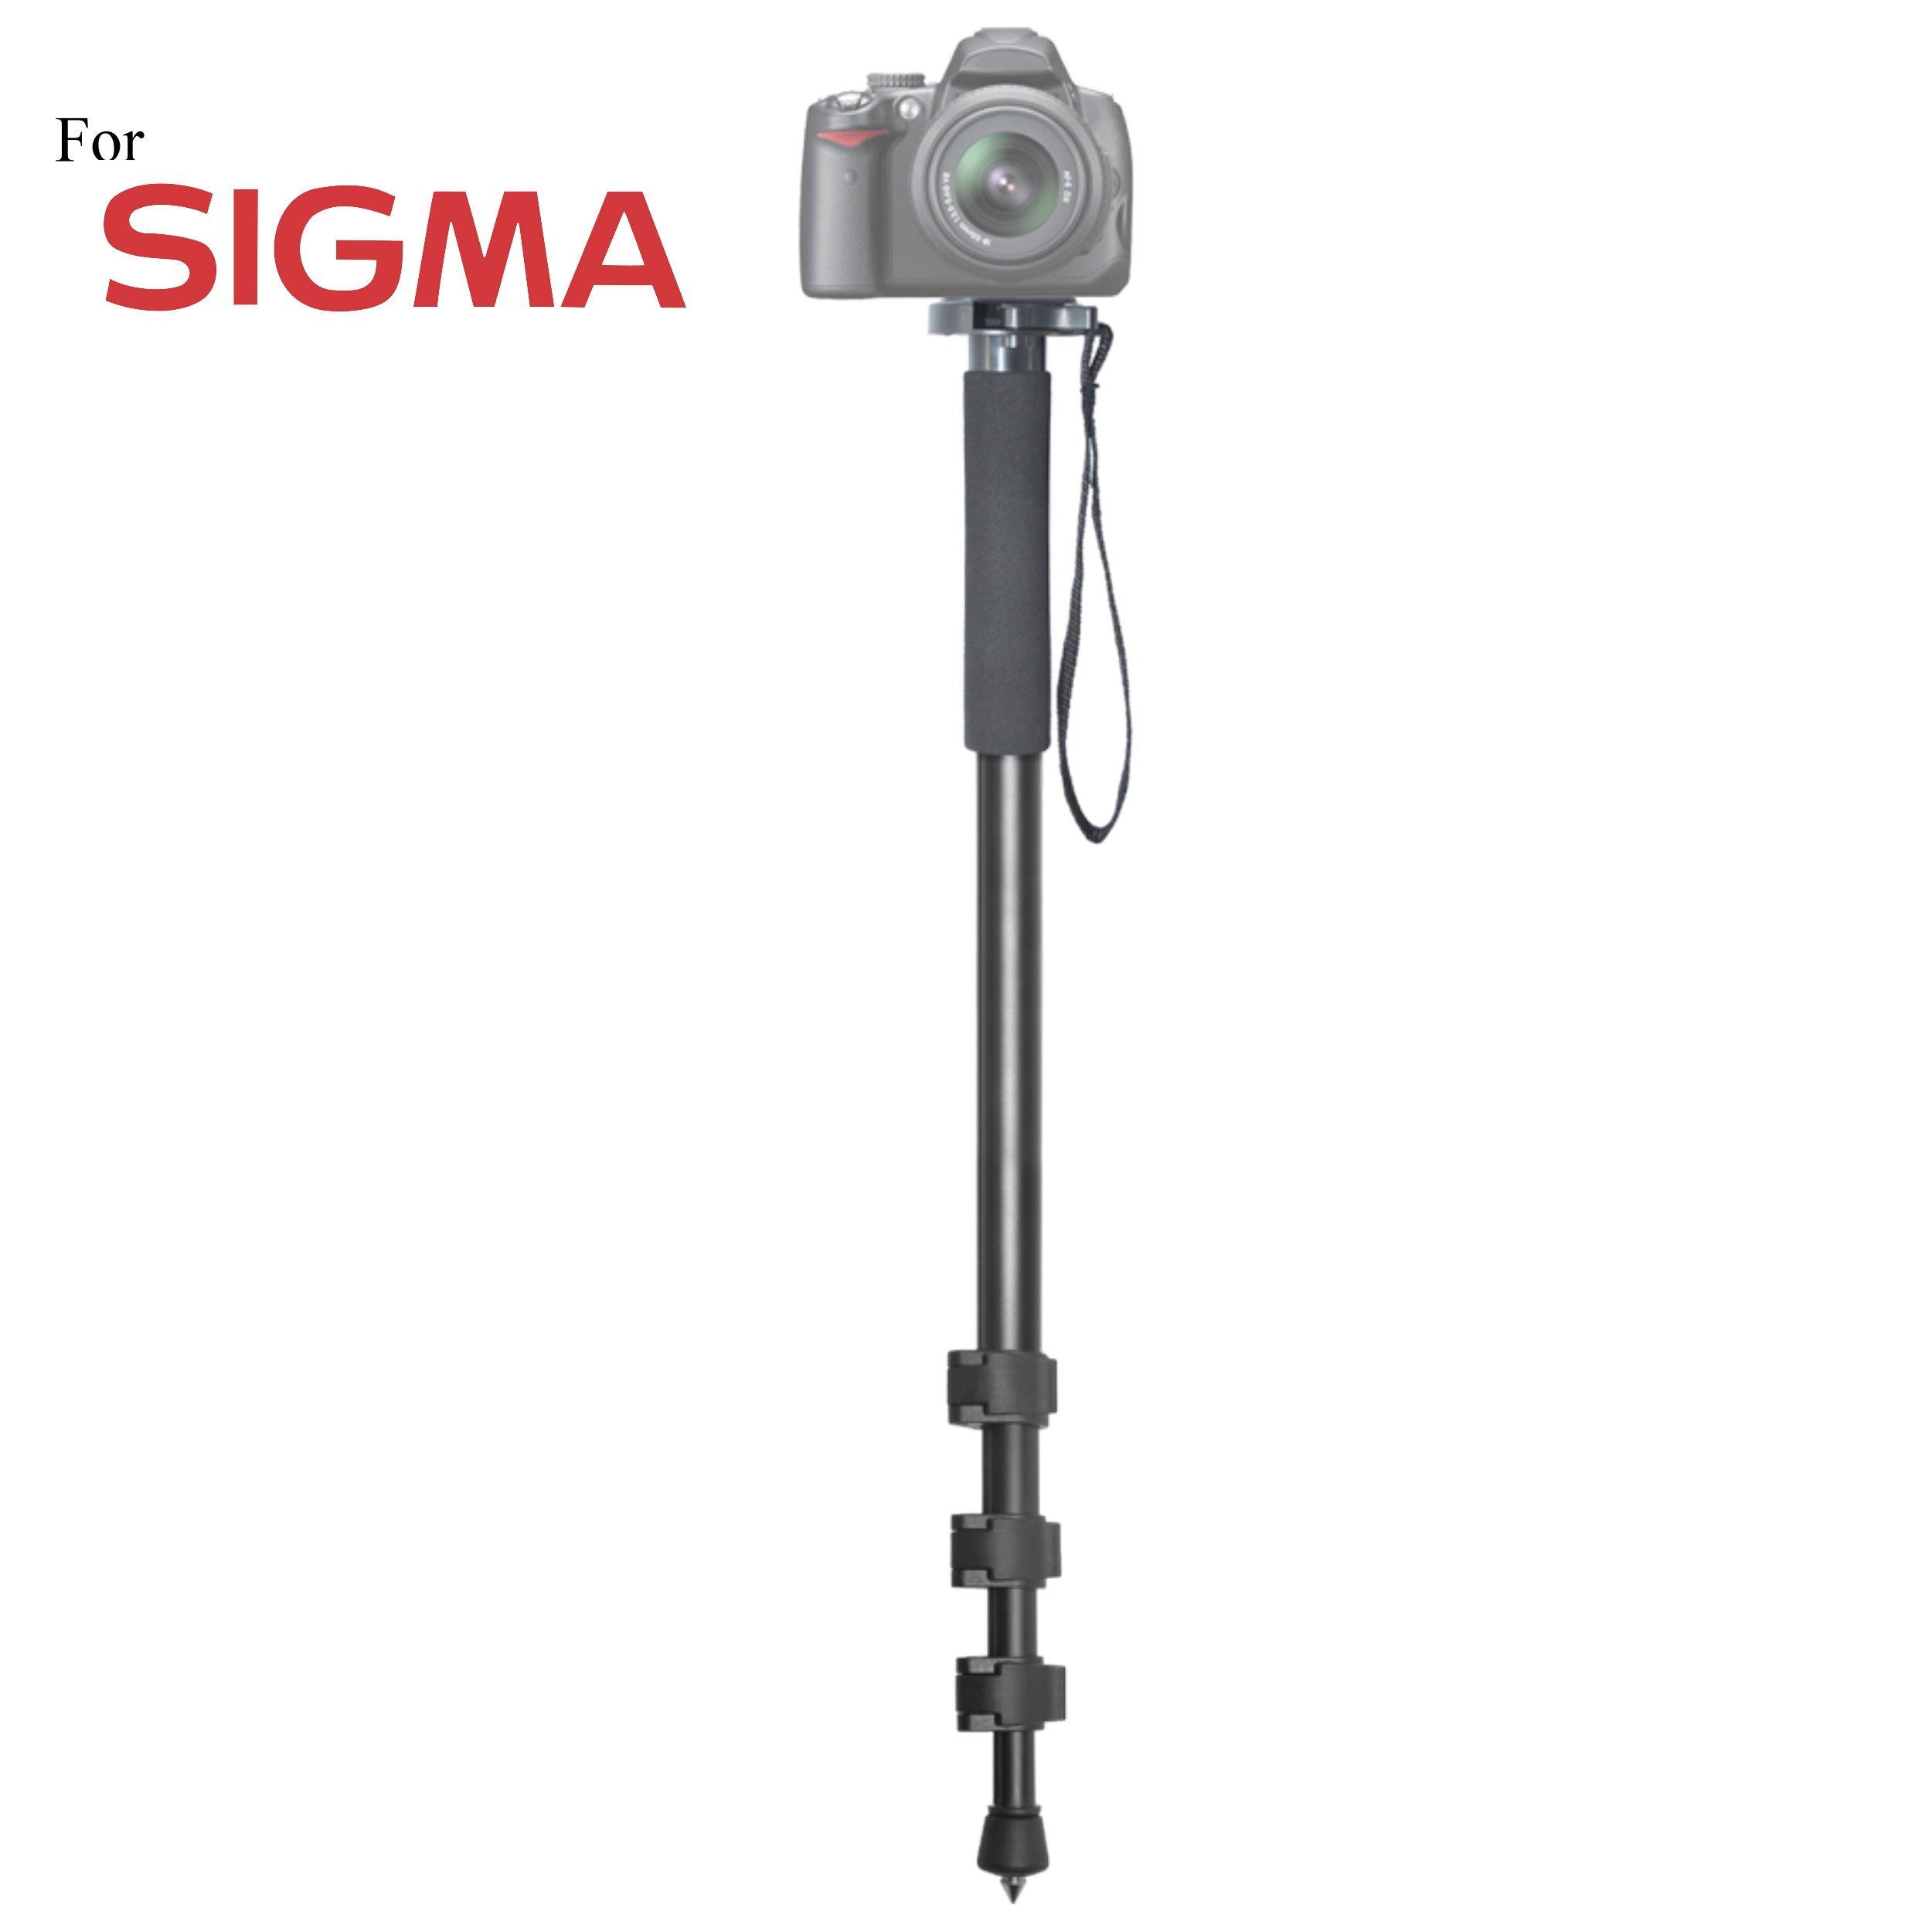 Versatile 72'' Monopod Camera Stick + Quick Release for Sigma DP2x, DP3 Merrill, dp3 Quattro, sd Quattro, sd Quattro H, SD1, SD1 Merrill, SD10, SD14, SD15, SD9h Cameras: Collapsible Mono pod, Mono-pod